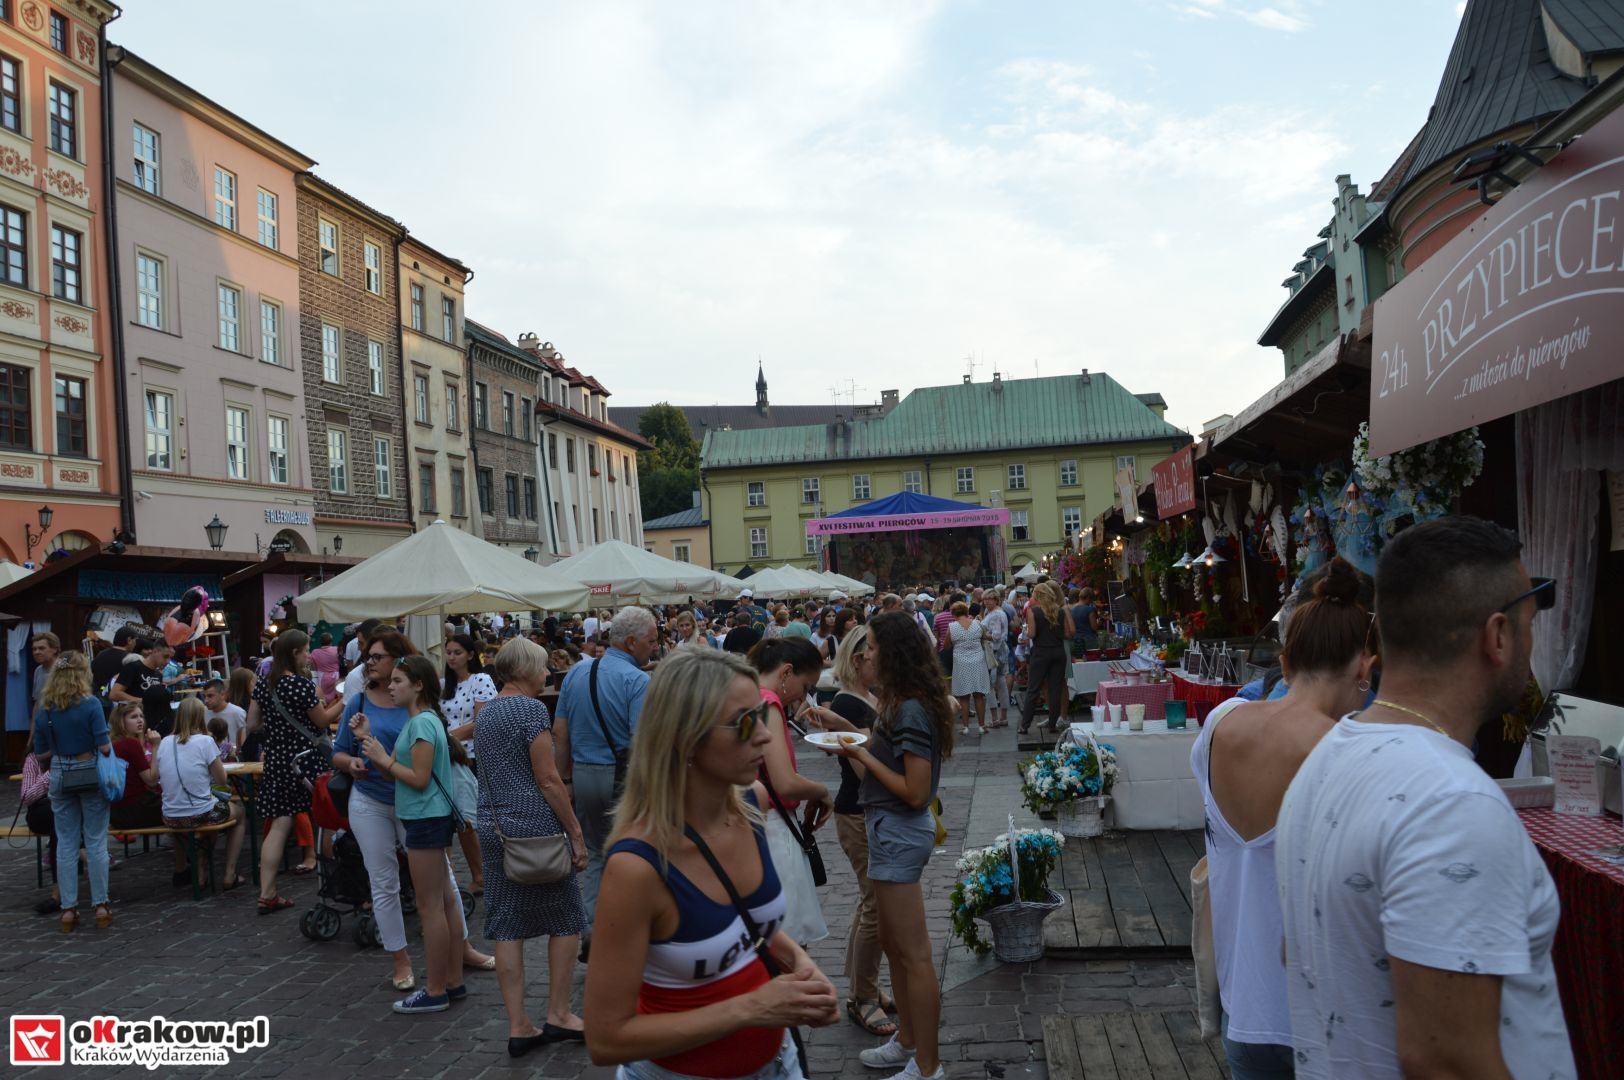 krakow festiwal pierogow maly rynek koncert cheap tobacco 37 150x150 - Galeria zdjęć Festiwal Pierogów Kraków 2018 + zdjęcia z koncertu Cheap Tobacco